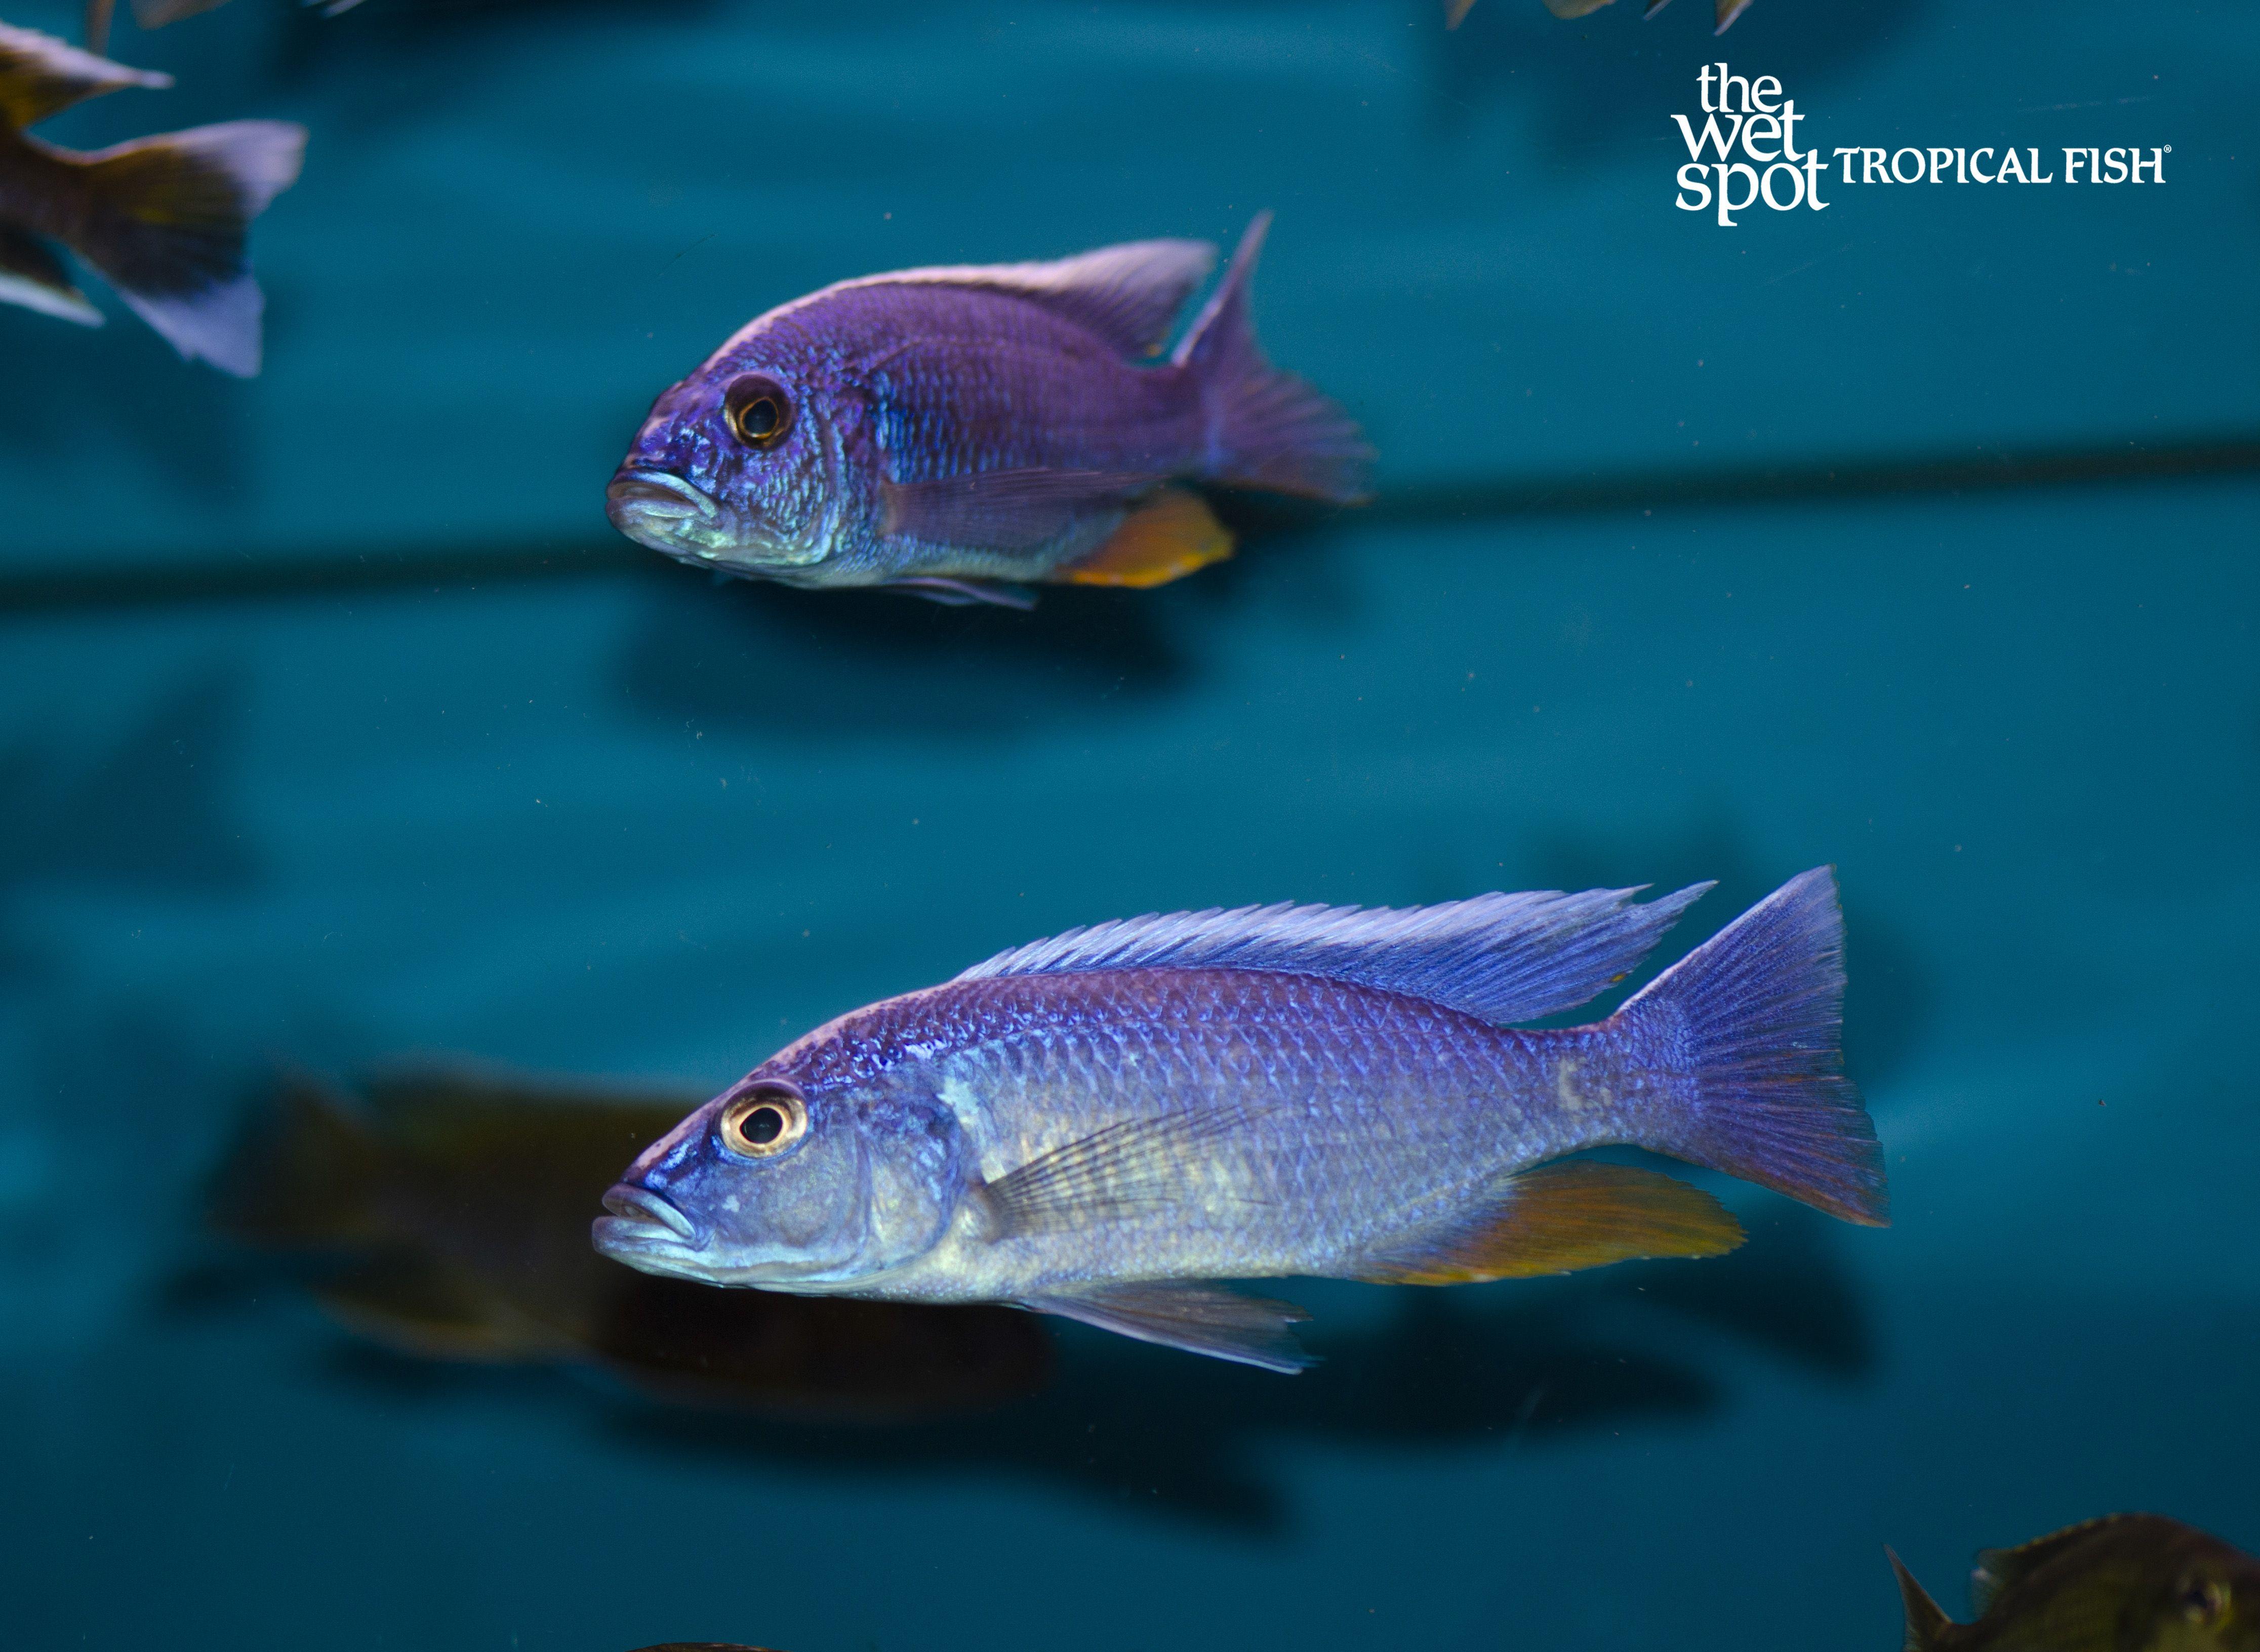 Africancichlids Cichlidsforsale Fishforsale Freshwaterfish